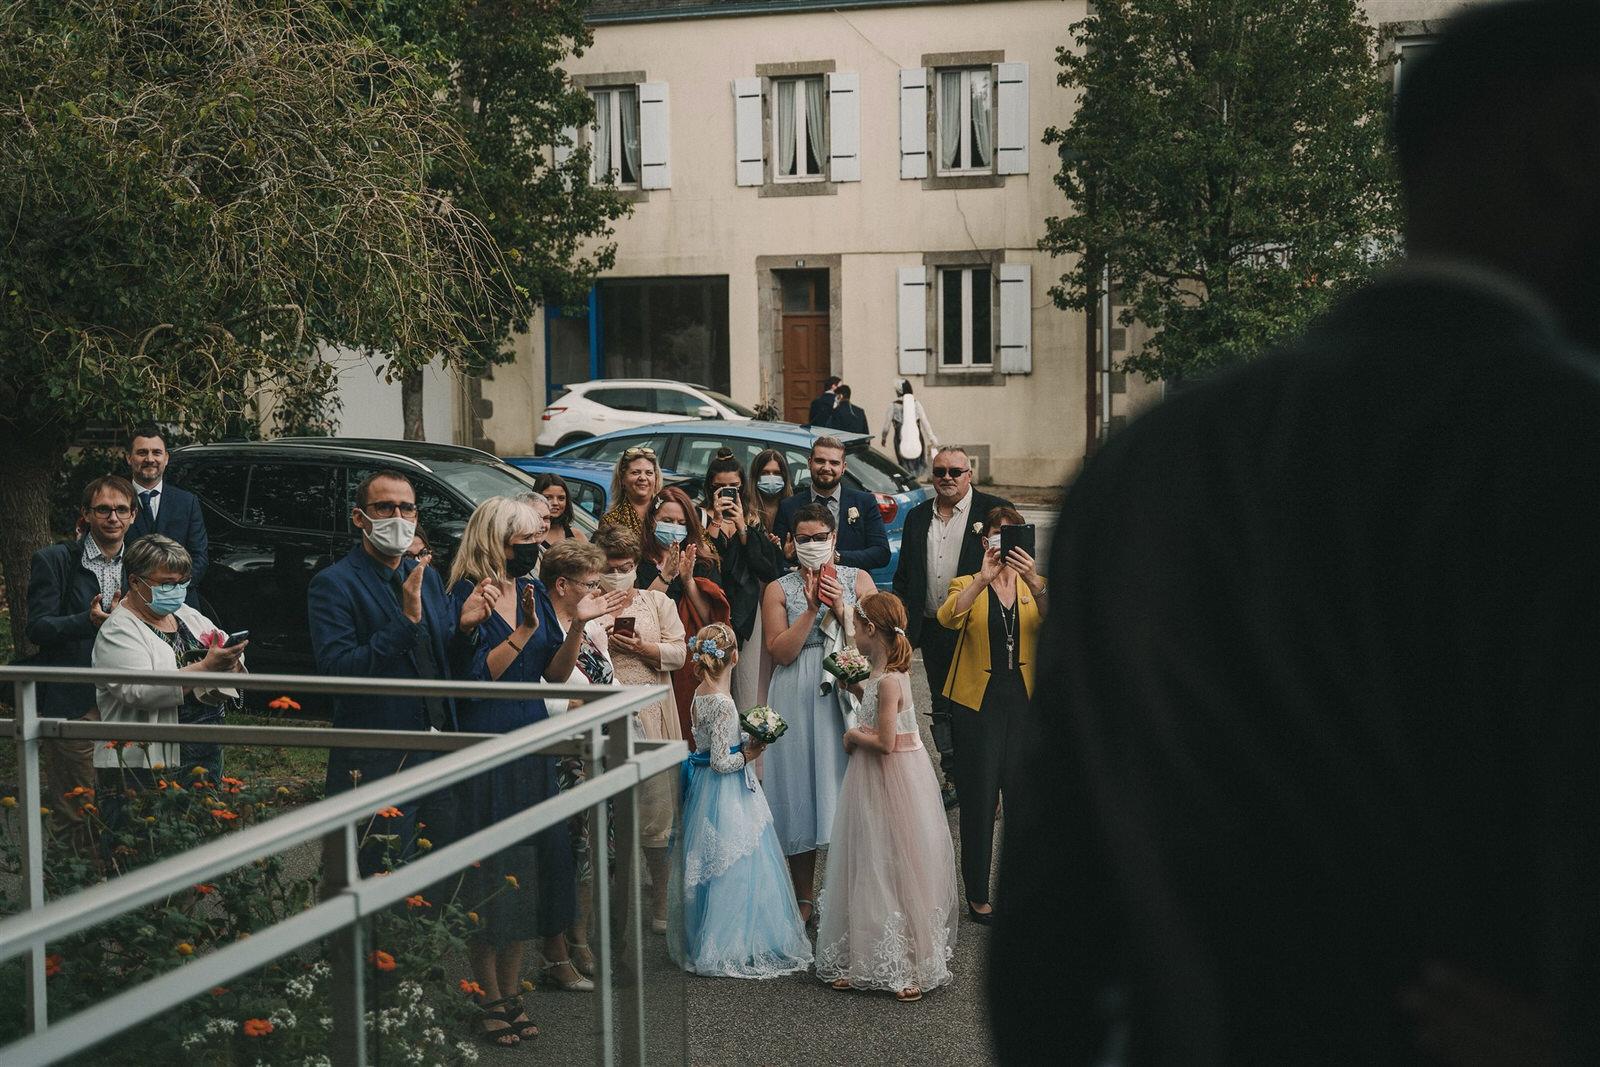 Photo Du Mariage D Hélène Et Prem À La Mairie Et L Église De Briec Et Au Manoir De Kerhuel À Plounéour Lanvern 468 Www.antoineborzeix.fr , Photographe & Videaste à Brest / Finistère